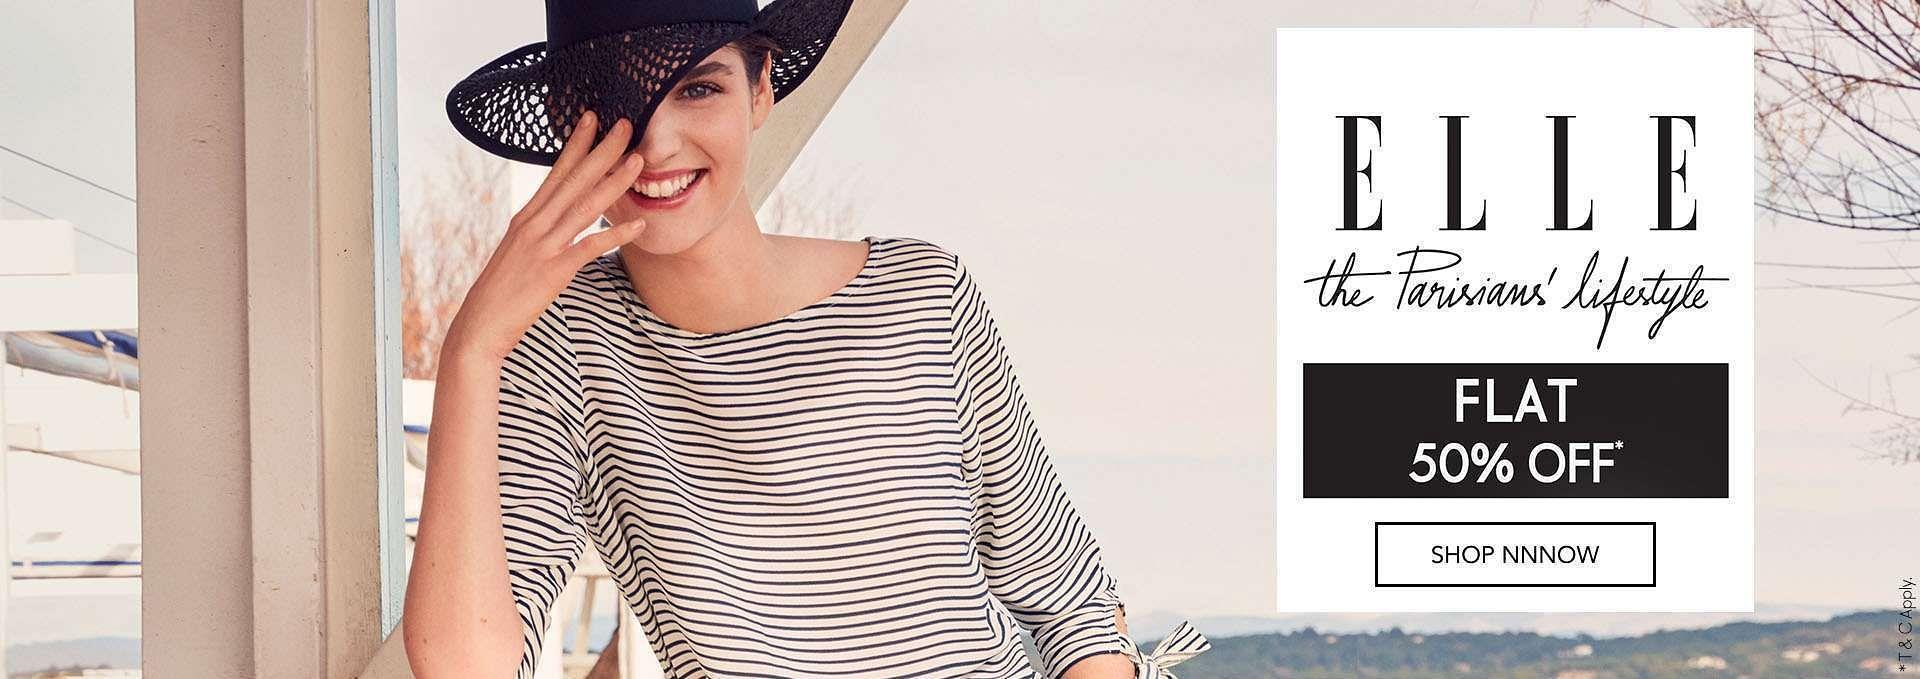 8a83cb82a00 Elle official online store